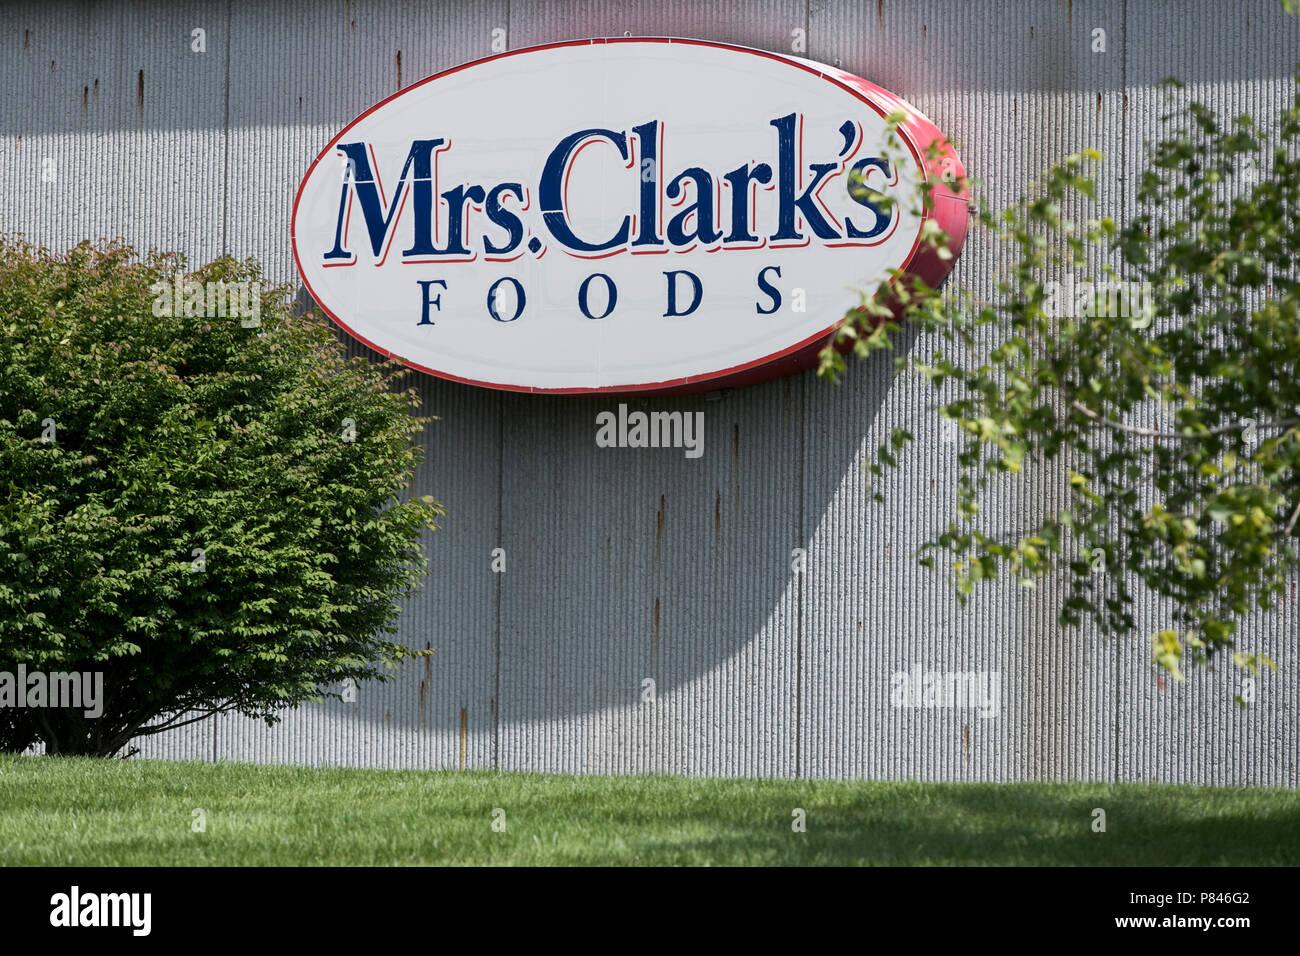 Un segno del logo al di fuori di una struttura occupata dalla sig.ra Clark cibi in Ankeny, Iowa, il 30 giugno 2018. Immagini Stock